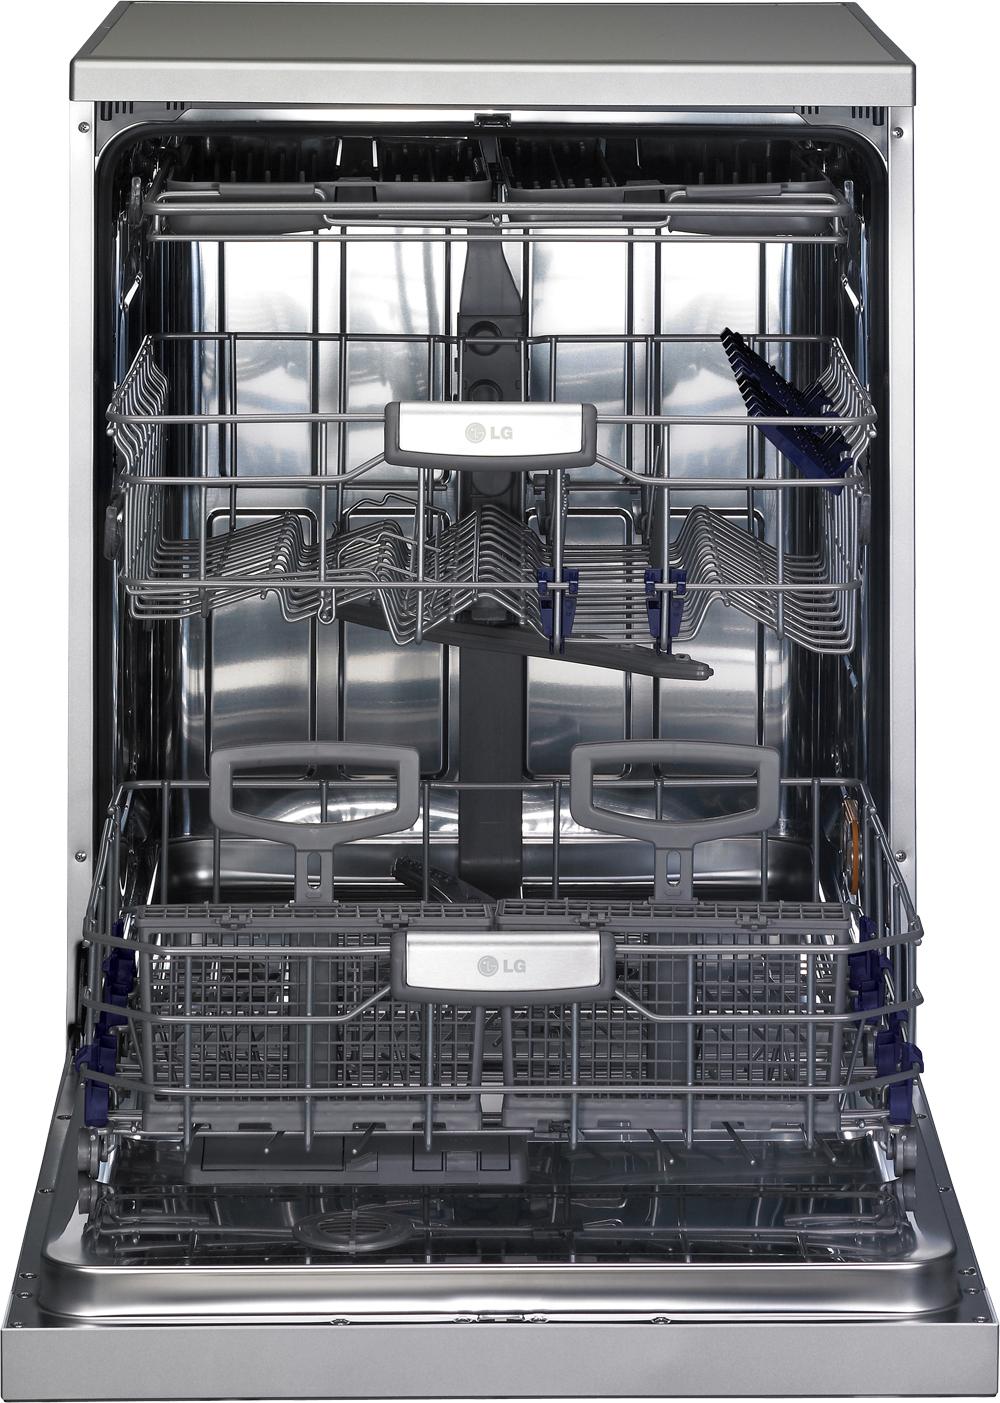 A look inside LG's TrueSteam™ Dishwasher.